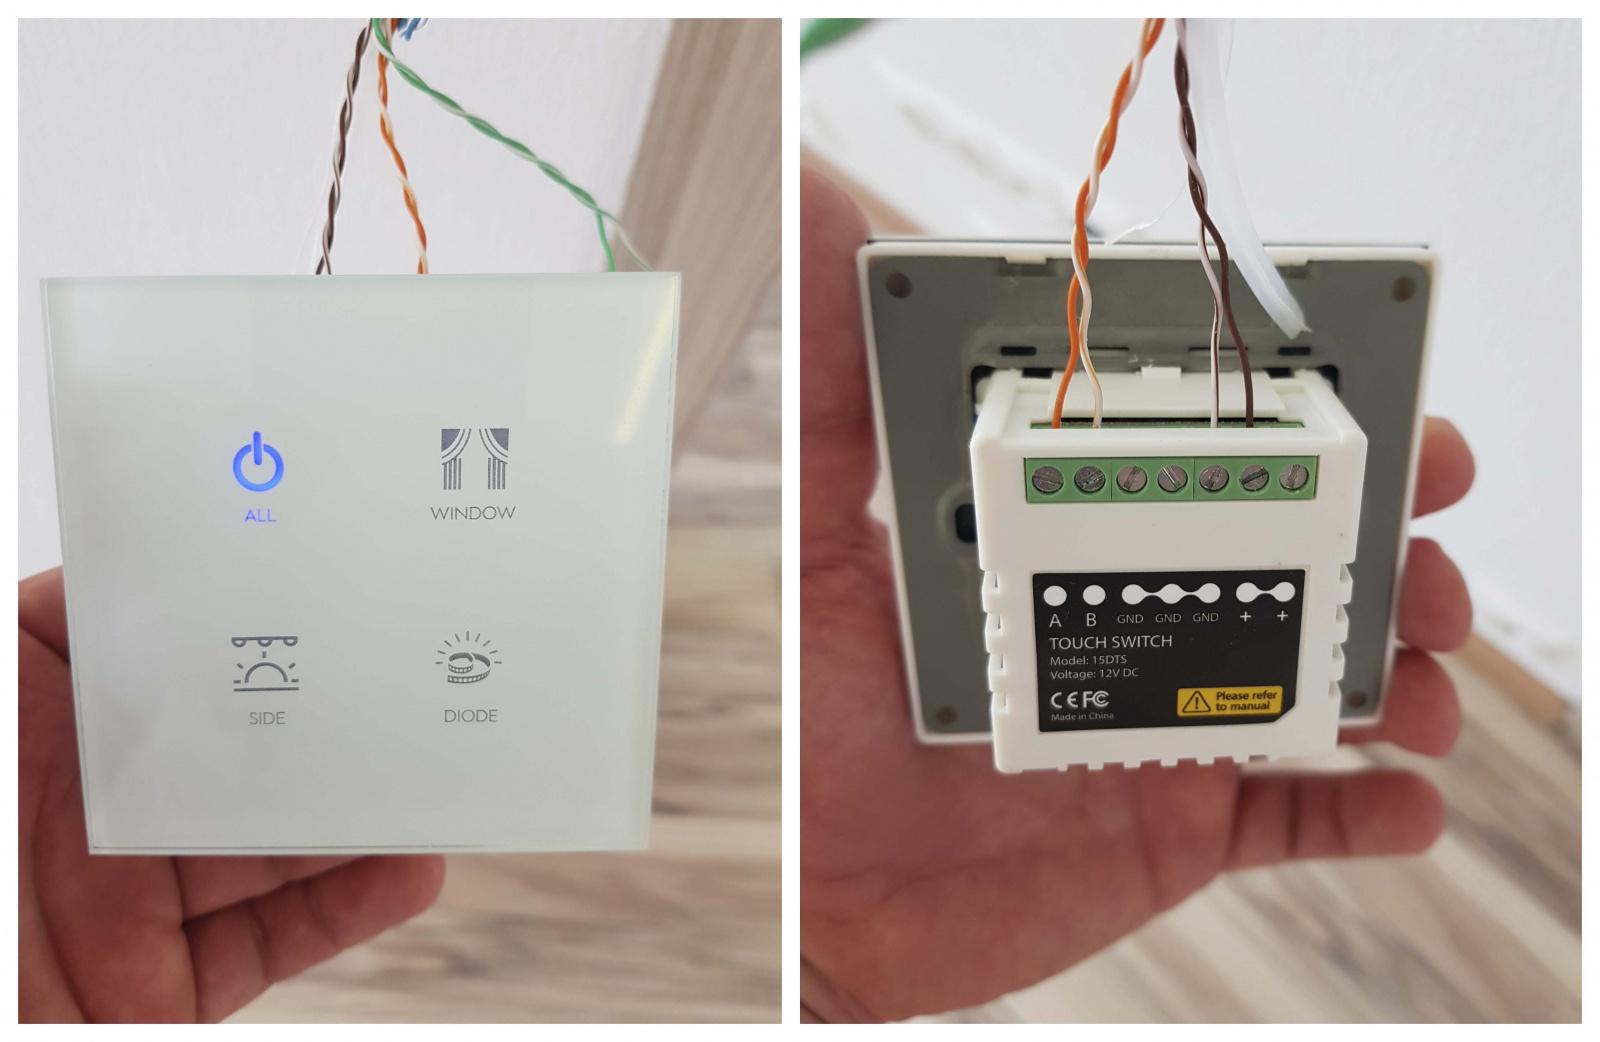 Сенсорные выключатели с Modbus: зачем нужны и как применить в умной квартире - 2